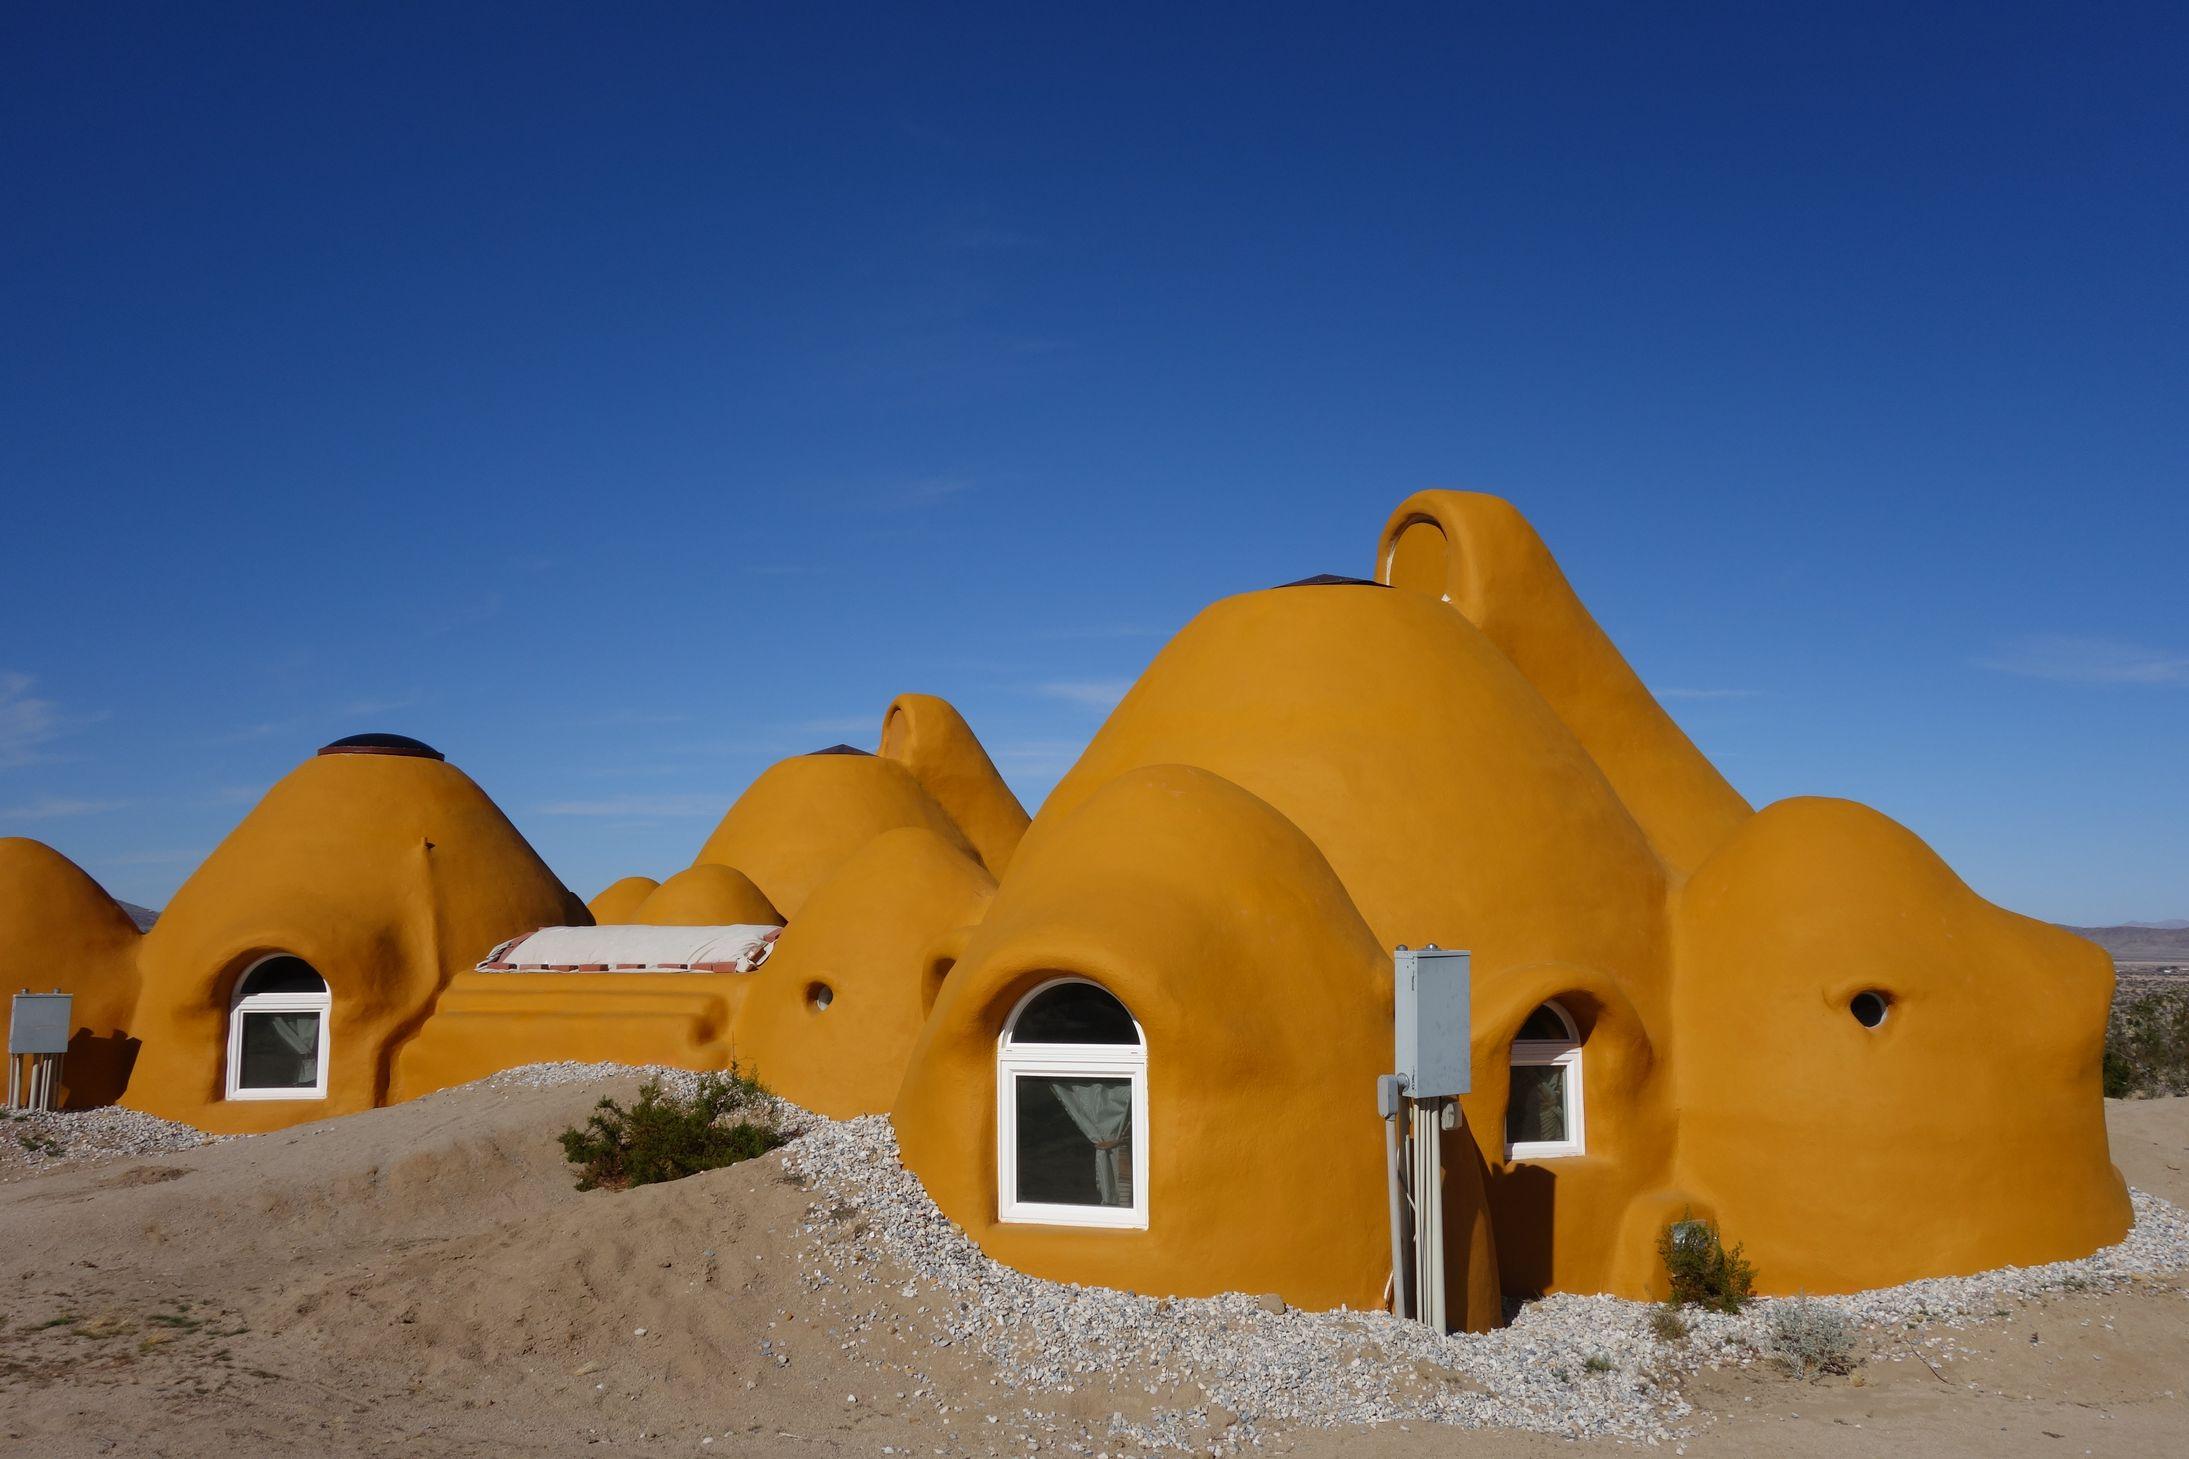 Projet Bonita Domes : Constructions en sac de terre selon la technique de CalEarth